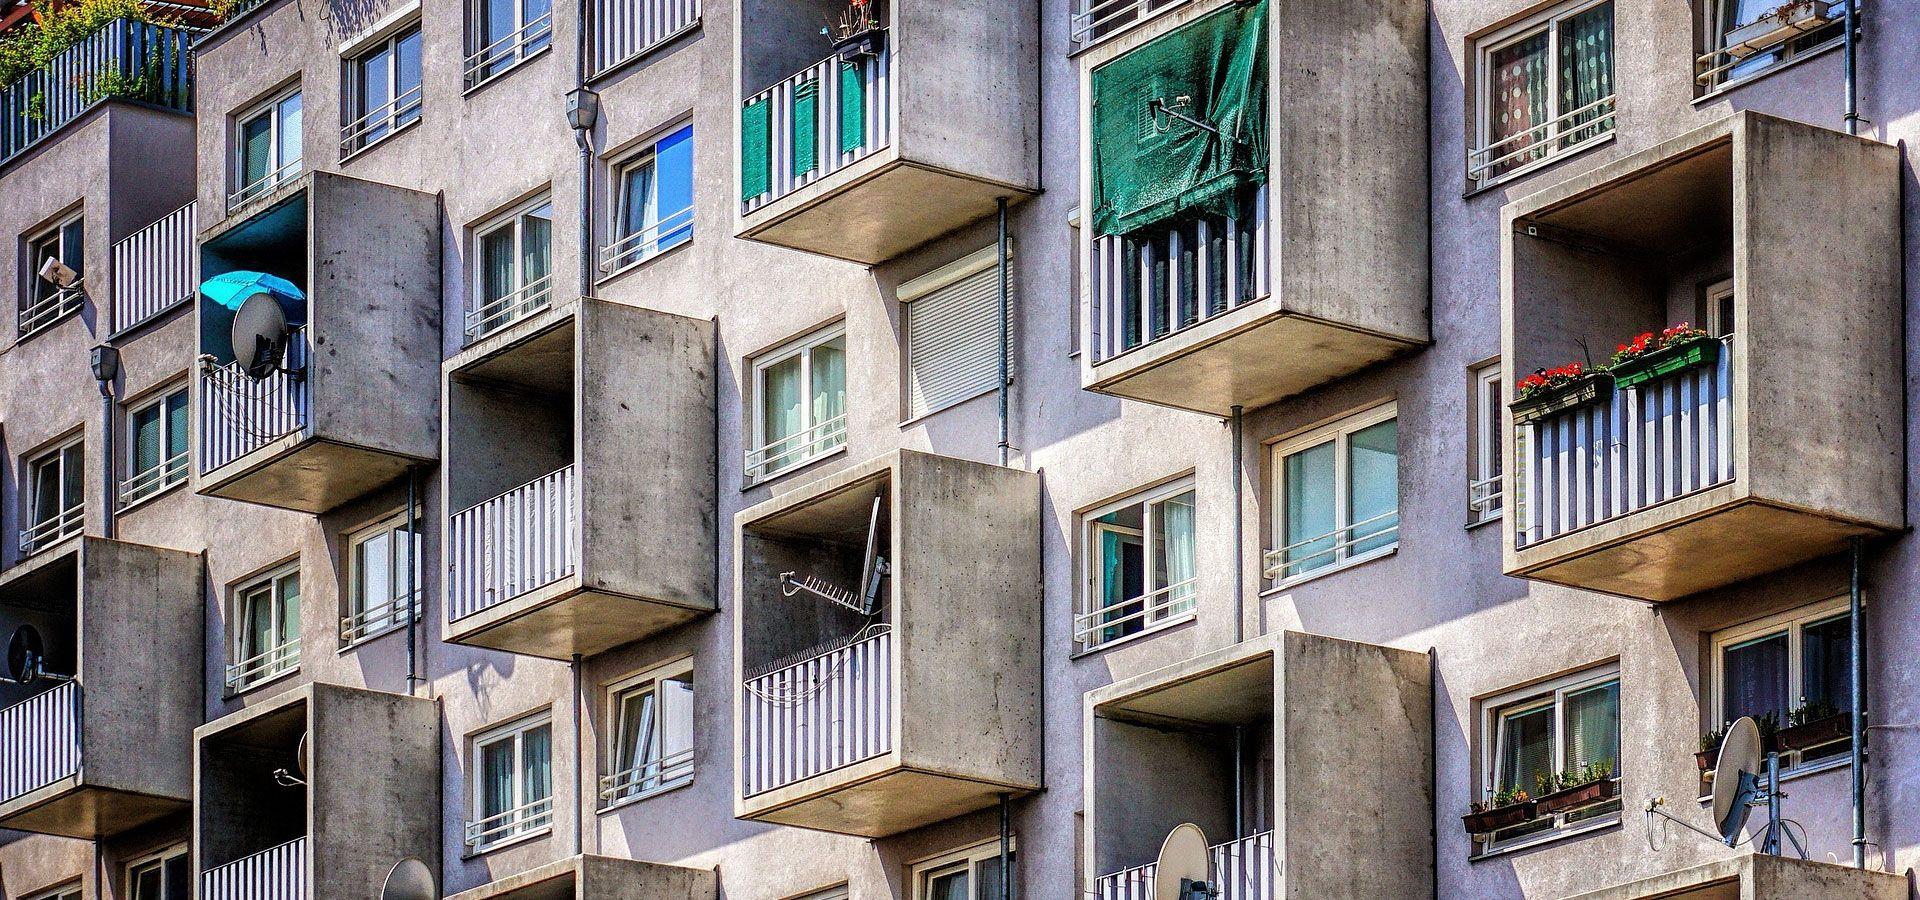 Aux portes de paris saint denis et le fl au du logement insalubre batinfo - Archi moderni casa ...